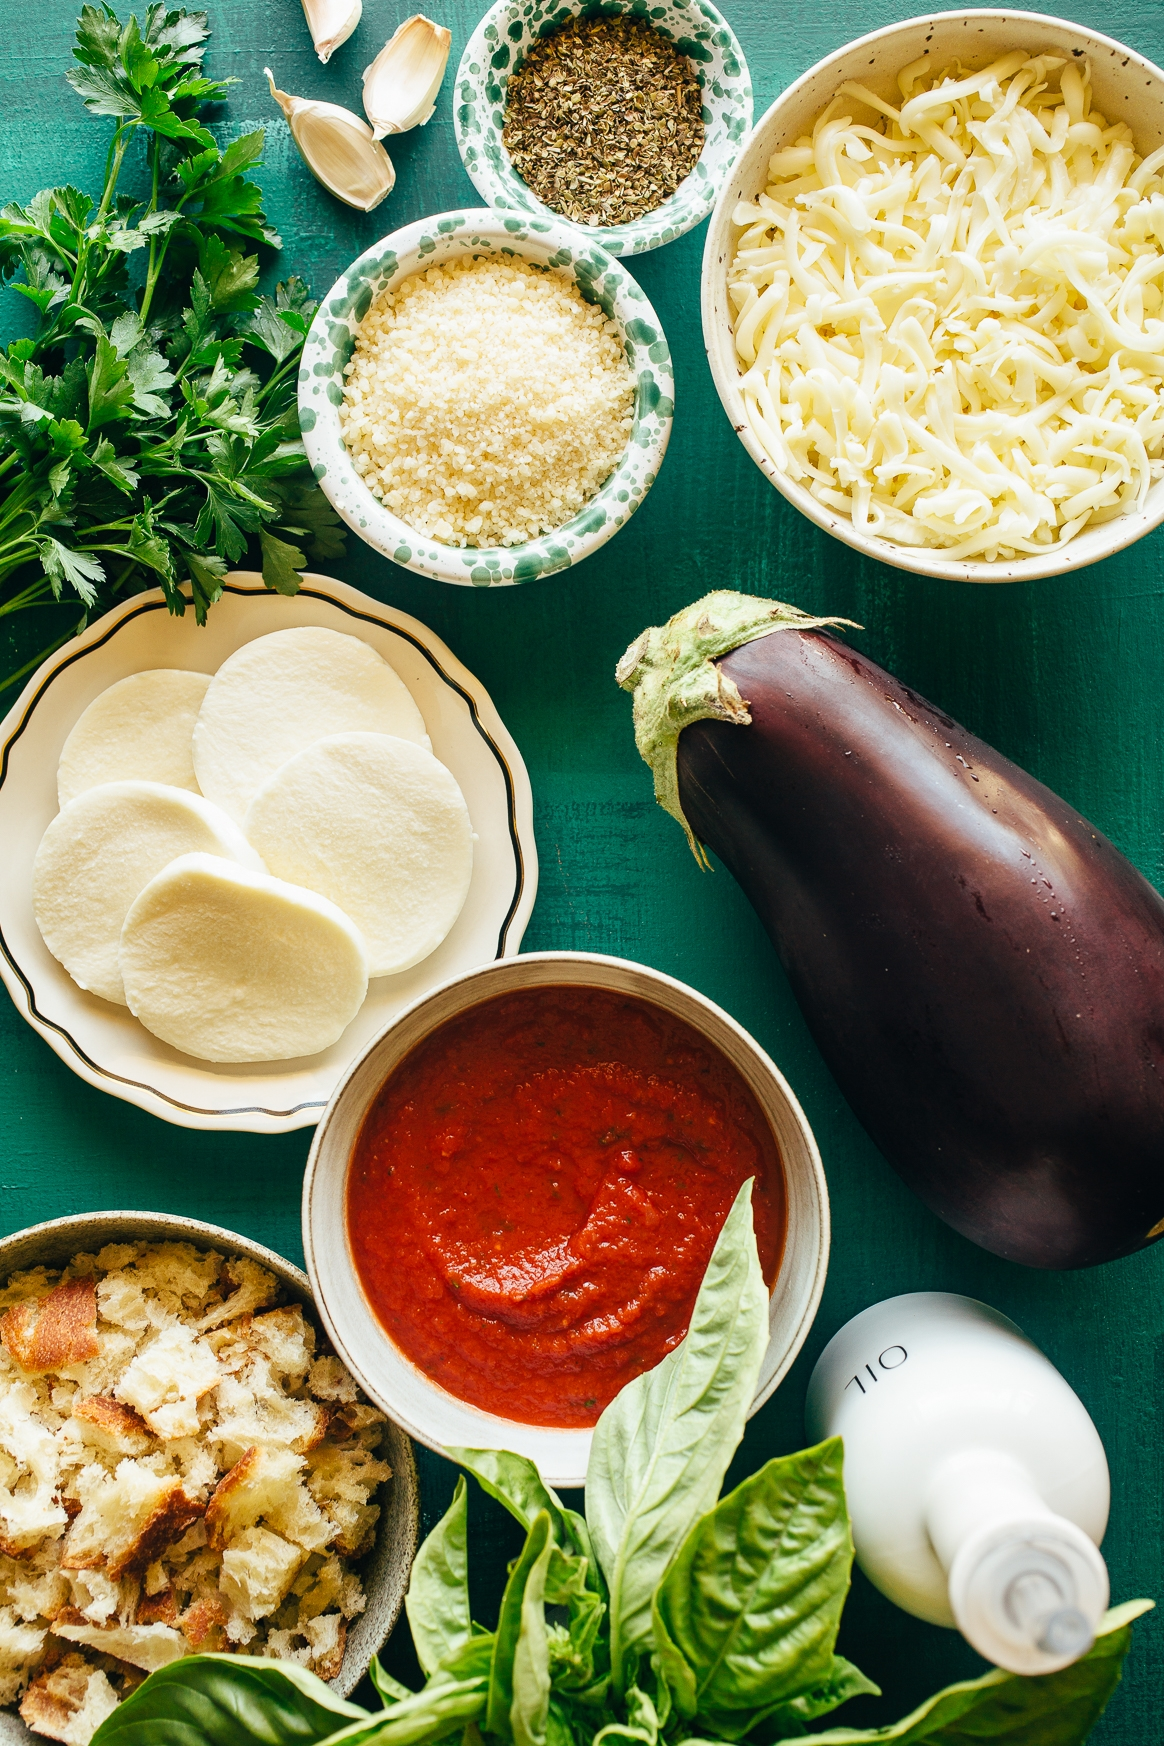 Baked Eggplant Parmesan Ingredients